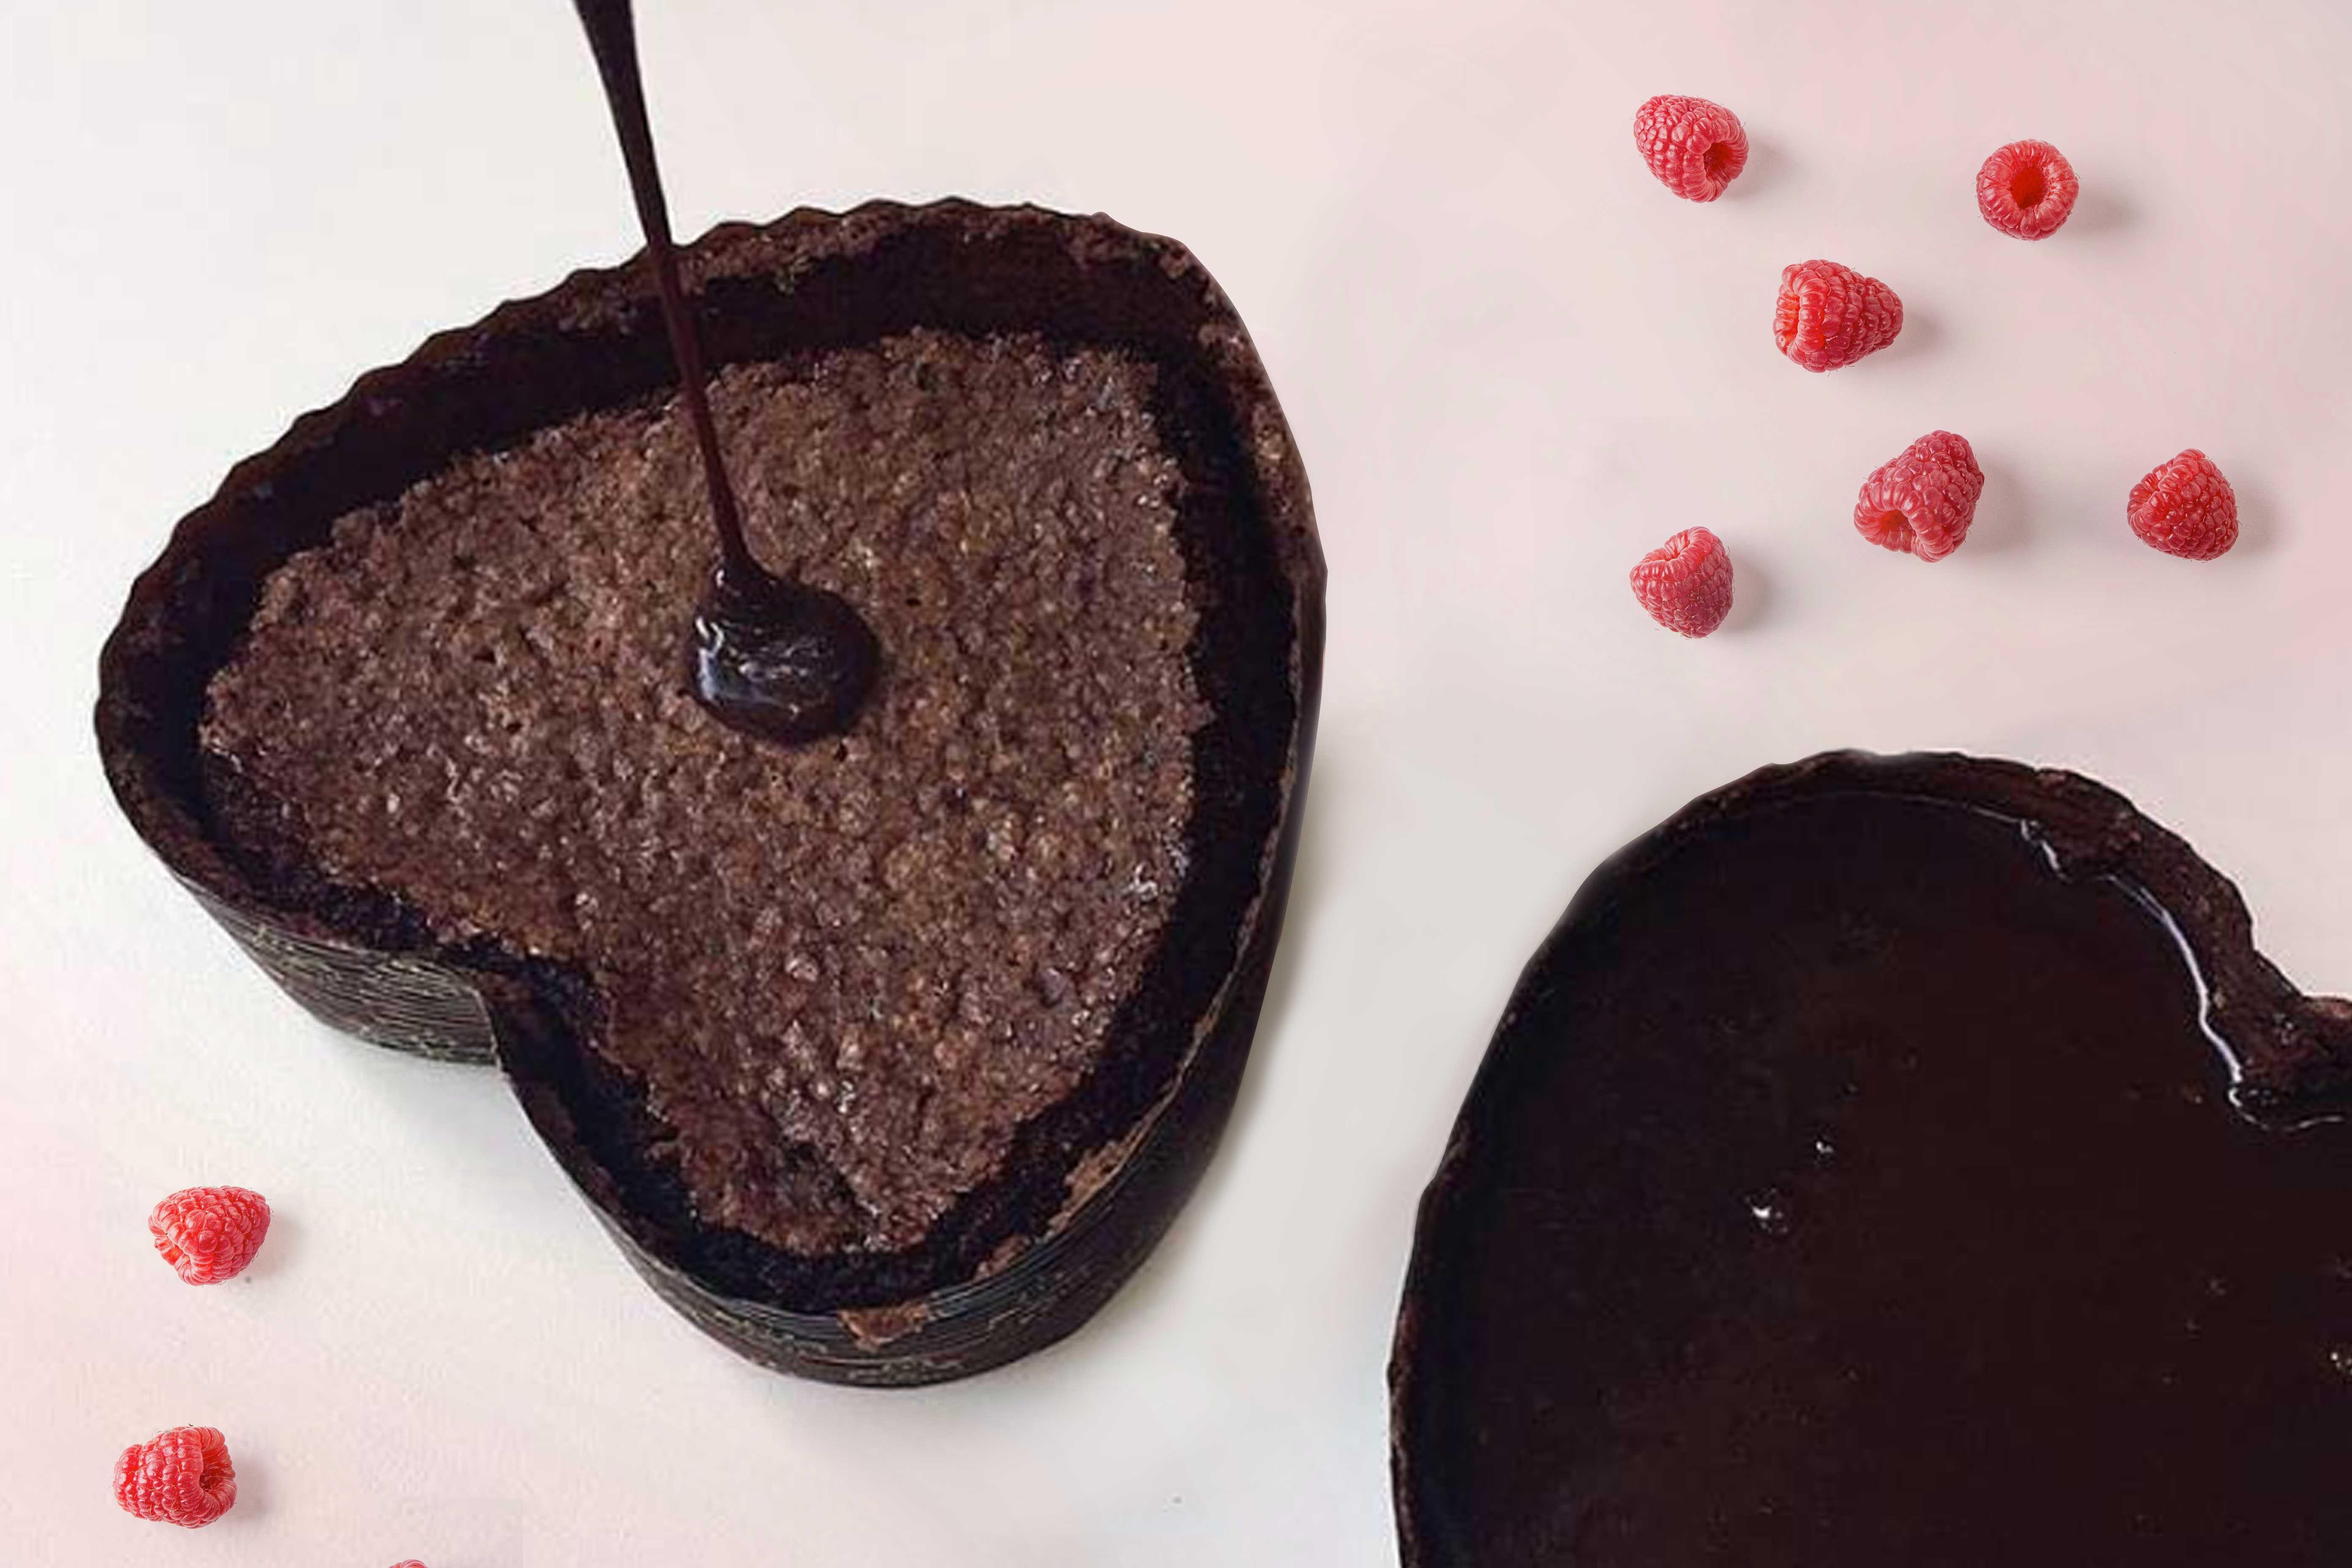 Ricetta Torta Al Cioccolato A Forma Di Cuore.Ricetta Per Torta Caprese A Forma Di Cuore Per San Valentino Novacart Italia